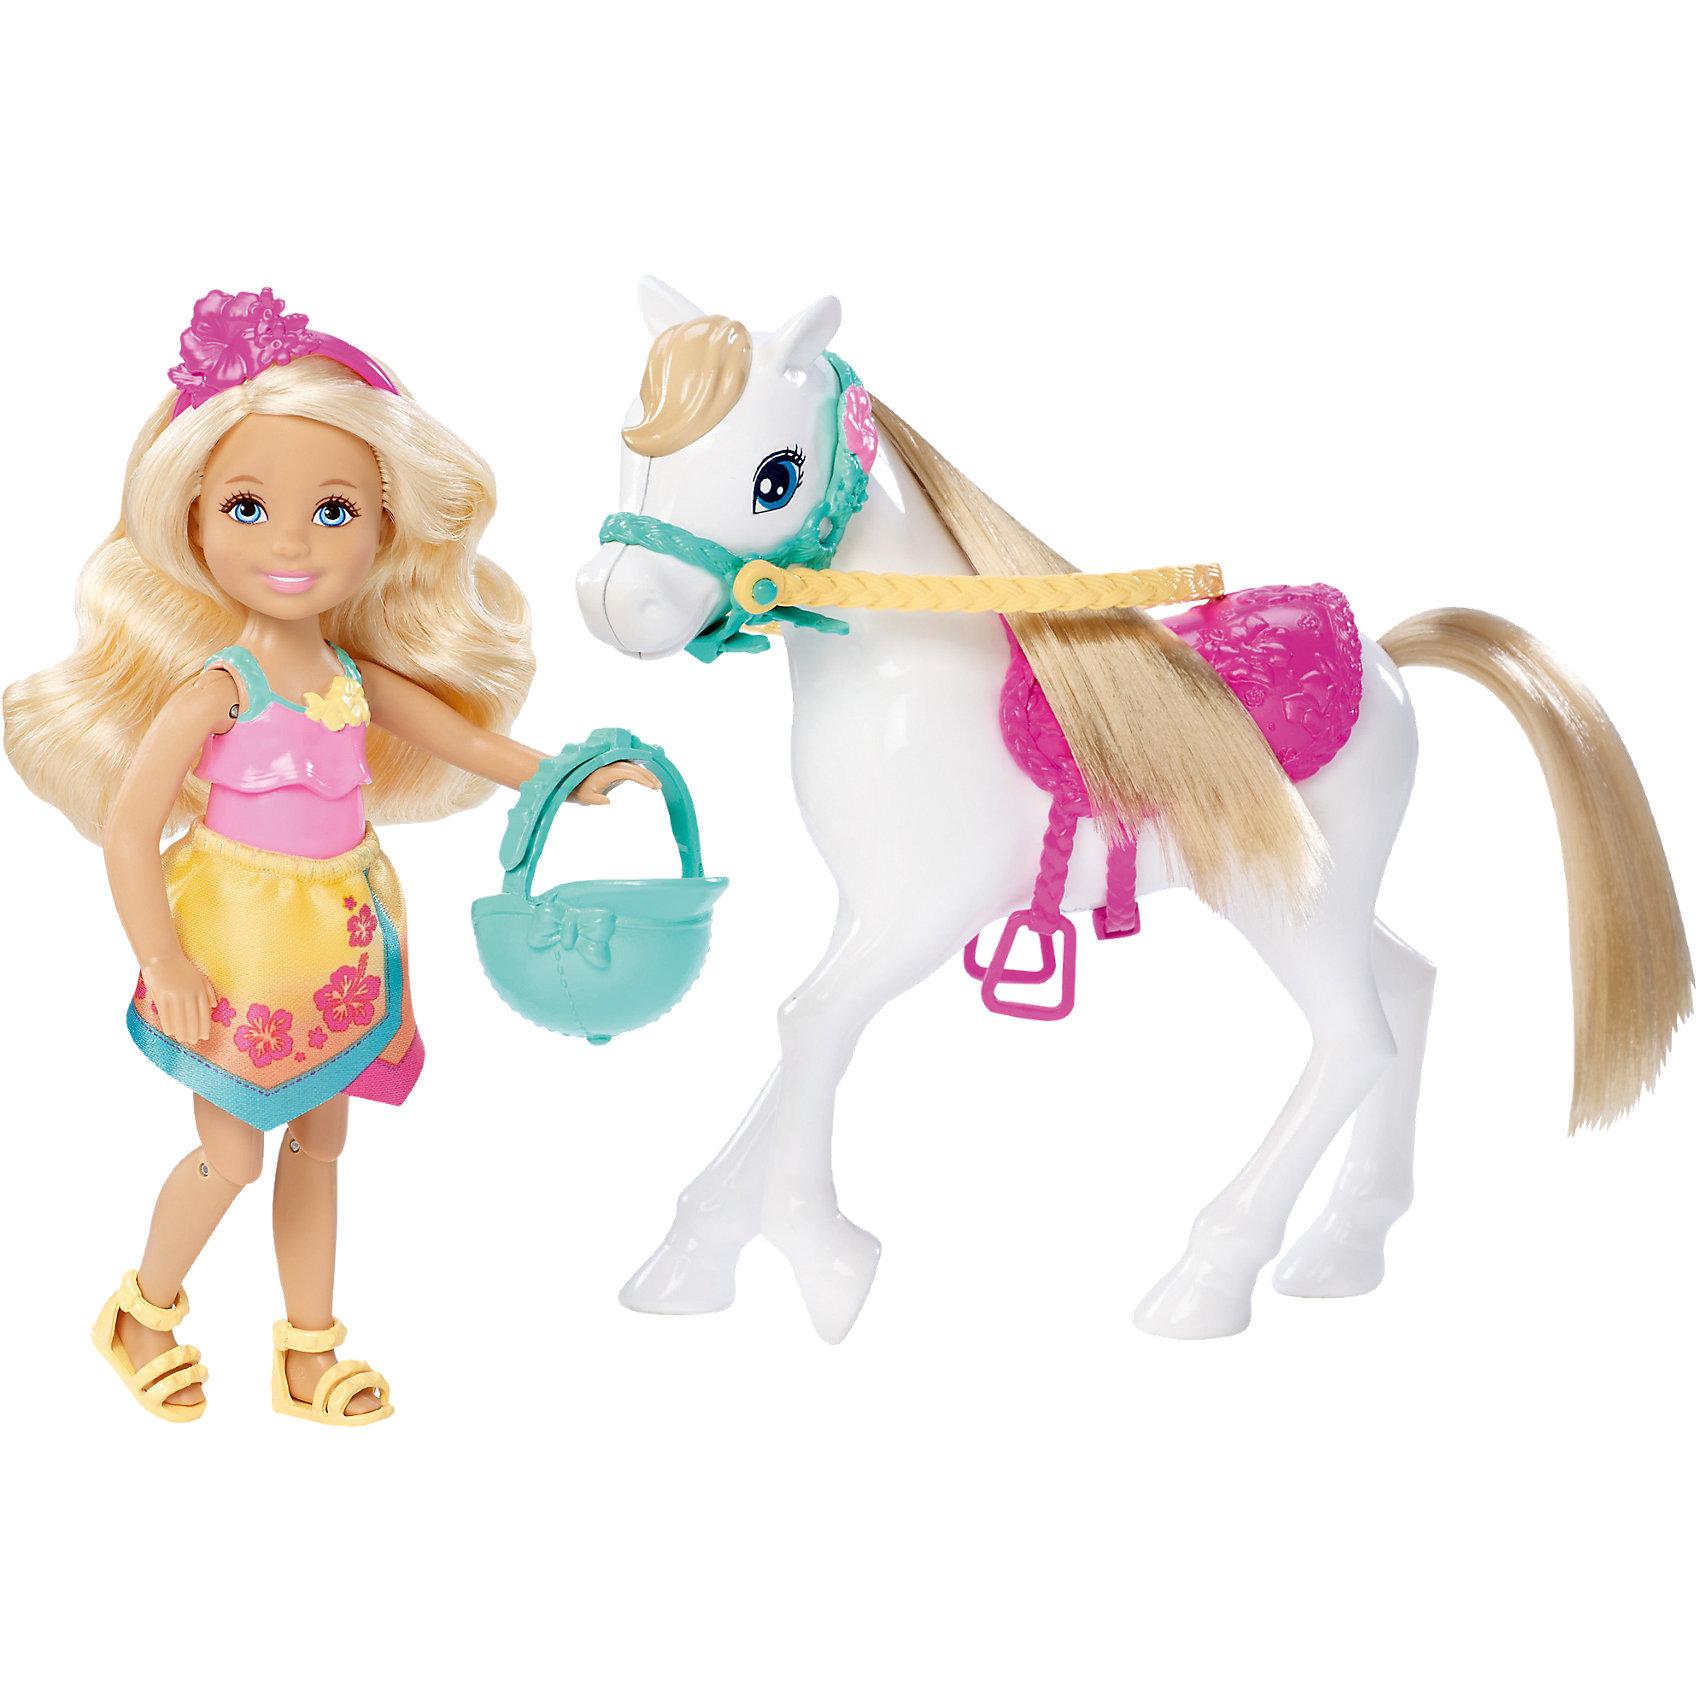 Кукла Челси и пони, BarbieКукла Челси и пони, Barbie от Mattel (Маттел) ? игрушка, созданная по мотивам мультфильма  Вarbie и сестры: в поисках щенков. Игровой комплект состоит из мини-куклы Челси, пони и аксессуаров. Все детали выполнены из высококачественного пластика, устойчивого к повреждениям и изменению цвета. <br>У Челси подвижные руки, ноги и голова, она умеет капаться верхом, для этого предназначен и ее наряд: маечка, свободная юбочка с запахом спереди, желтые босоножки и яркий ободок на голове. У Челси имеется шлем, который обеспечивает безопасность во время катания. У пони ? пышная и длинная грива, на спине ? розовое седло со стременами.<br>Кукла Челси и пони, Barbie от Mattel (Маттел) может быть отличным вариантом в качестве подарка для девочки к любому торжеству.<br><br>Дополнительная информация:<br><br>- Вид игр: сюжетно-ролевые <br>- Предназначение: для дома<br>- Серия: по мотивам мультфильма Вarbie и сестры: в поисках щенков <br>- Материал: пластик, резина, текстиль<br>- Высота: куклы ? 13 см, пони ? 15 см<br>- Особенности ухода: куклу и аксессуары можно мыть в теплой мыльной воде<br><br>Подробнее:<br><br>• Для детей в возрасте: от 3 лет и до 6 лет<br>• Страна производитель: Китай<br>• Торговый бренд: Barbie<br><br>Куклу Челси и пони, Barbie от Mattel (Маттел) можно купить в нашем интернет-магазине.<br><br>Ширина мм: 259<br>Глубина мм: 238<br>Высота мм: 66<br>Вес г: 249<br>Возраст от месяцев: 36<br>Возраст до месяцев: 72<br>Пол: Женский<br>Возраст: Детский<br>SKU: 4765319